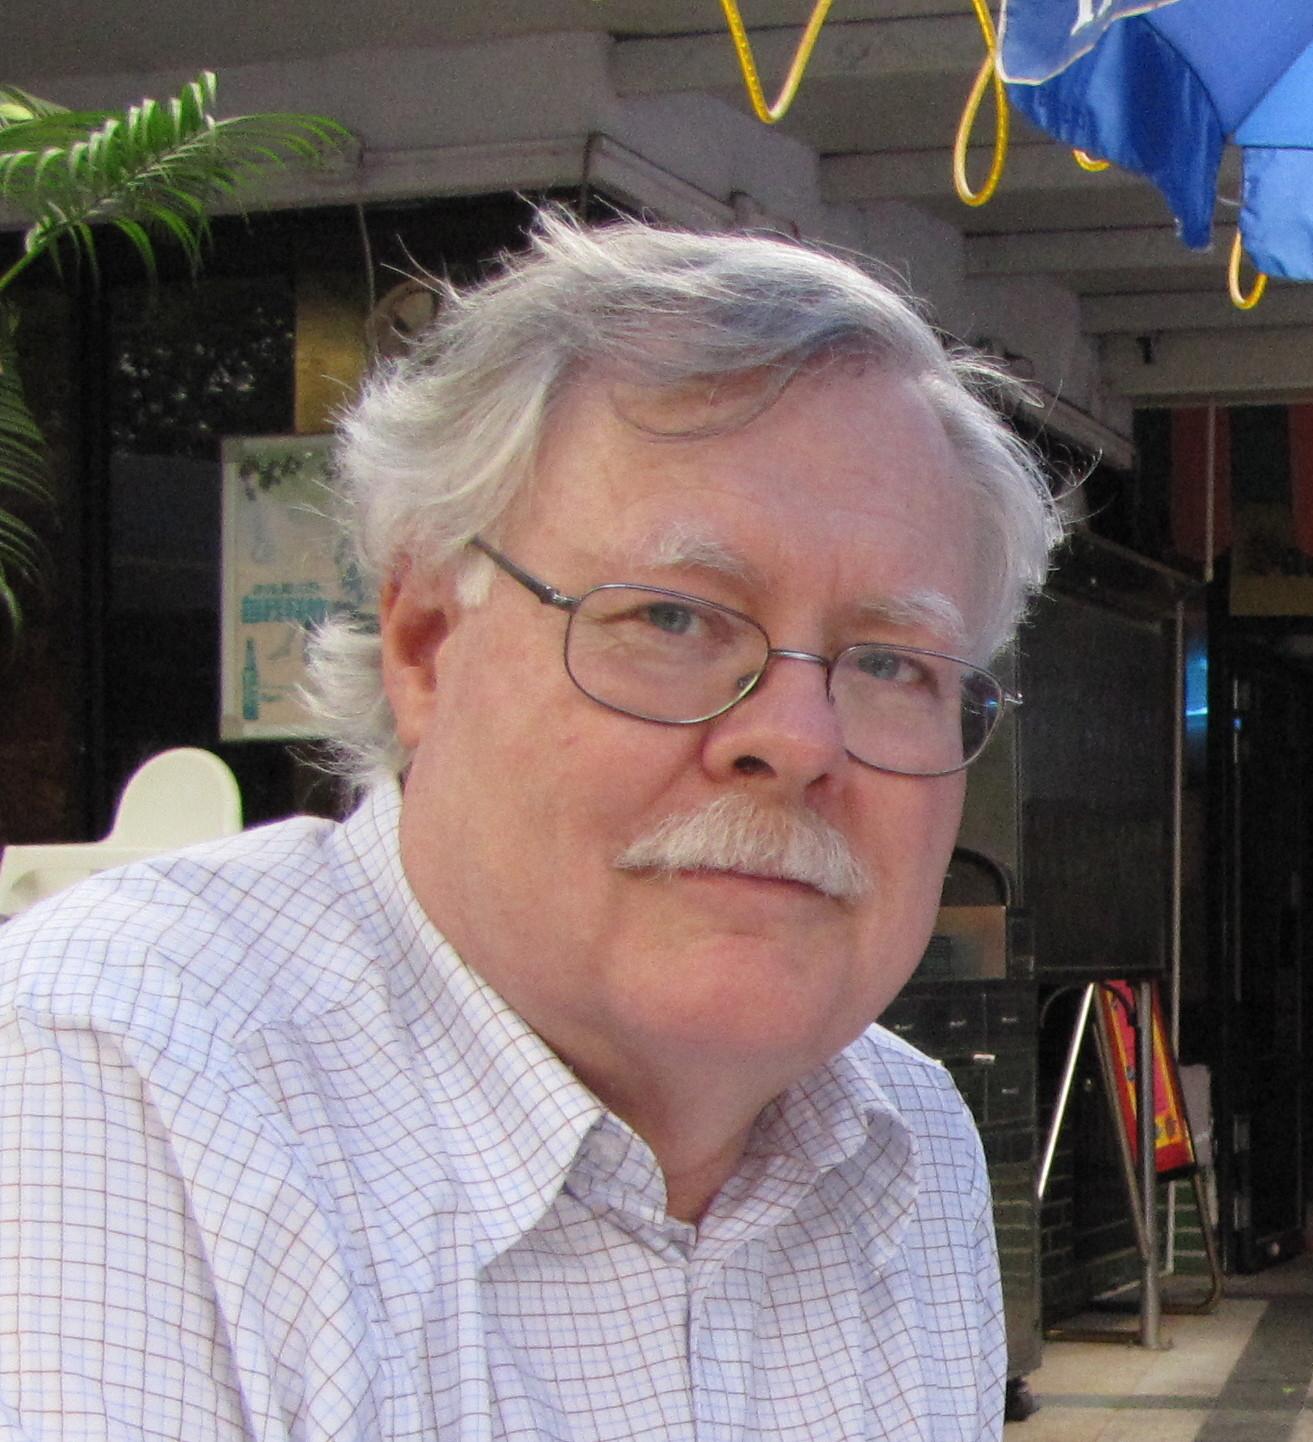 Headshot of Robert Coish